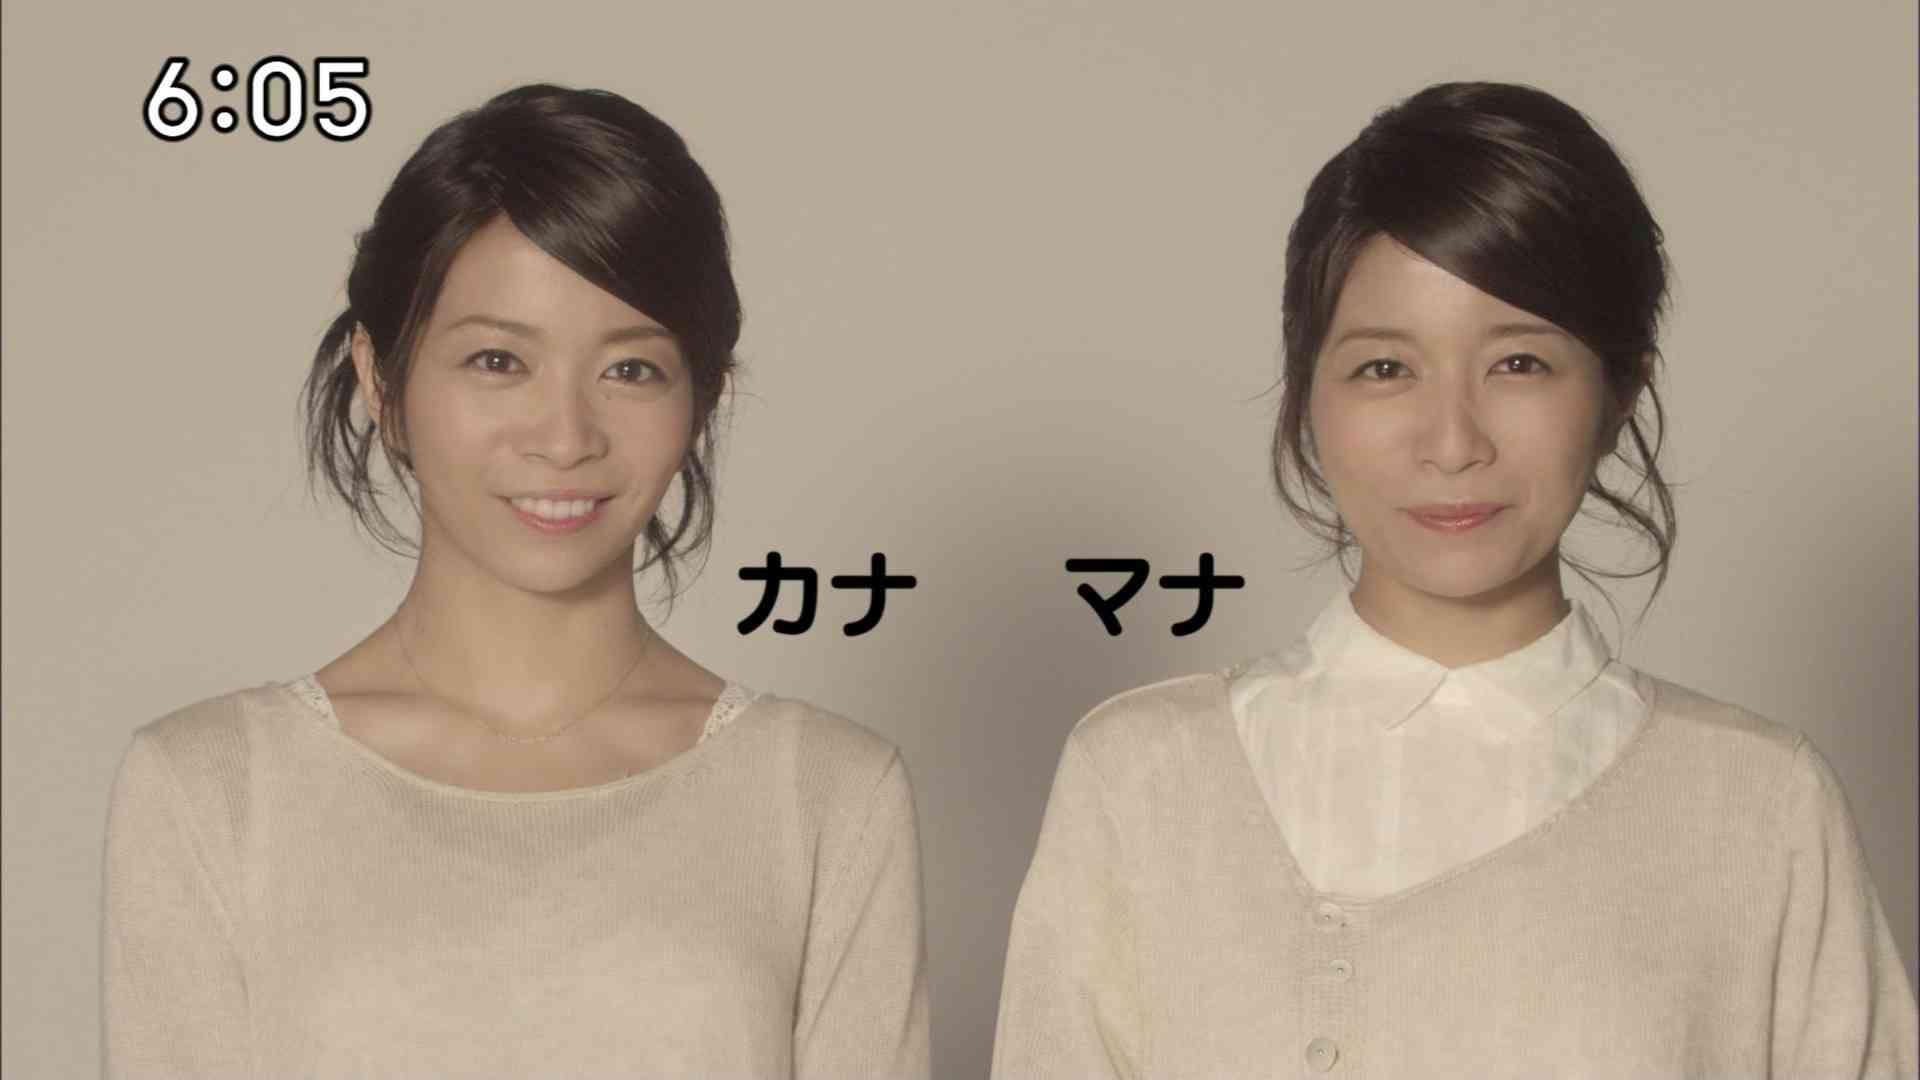 台湾の美人すぎる双子姉妹モデルSandy&Mandyがネット上で話題